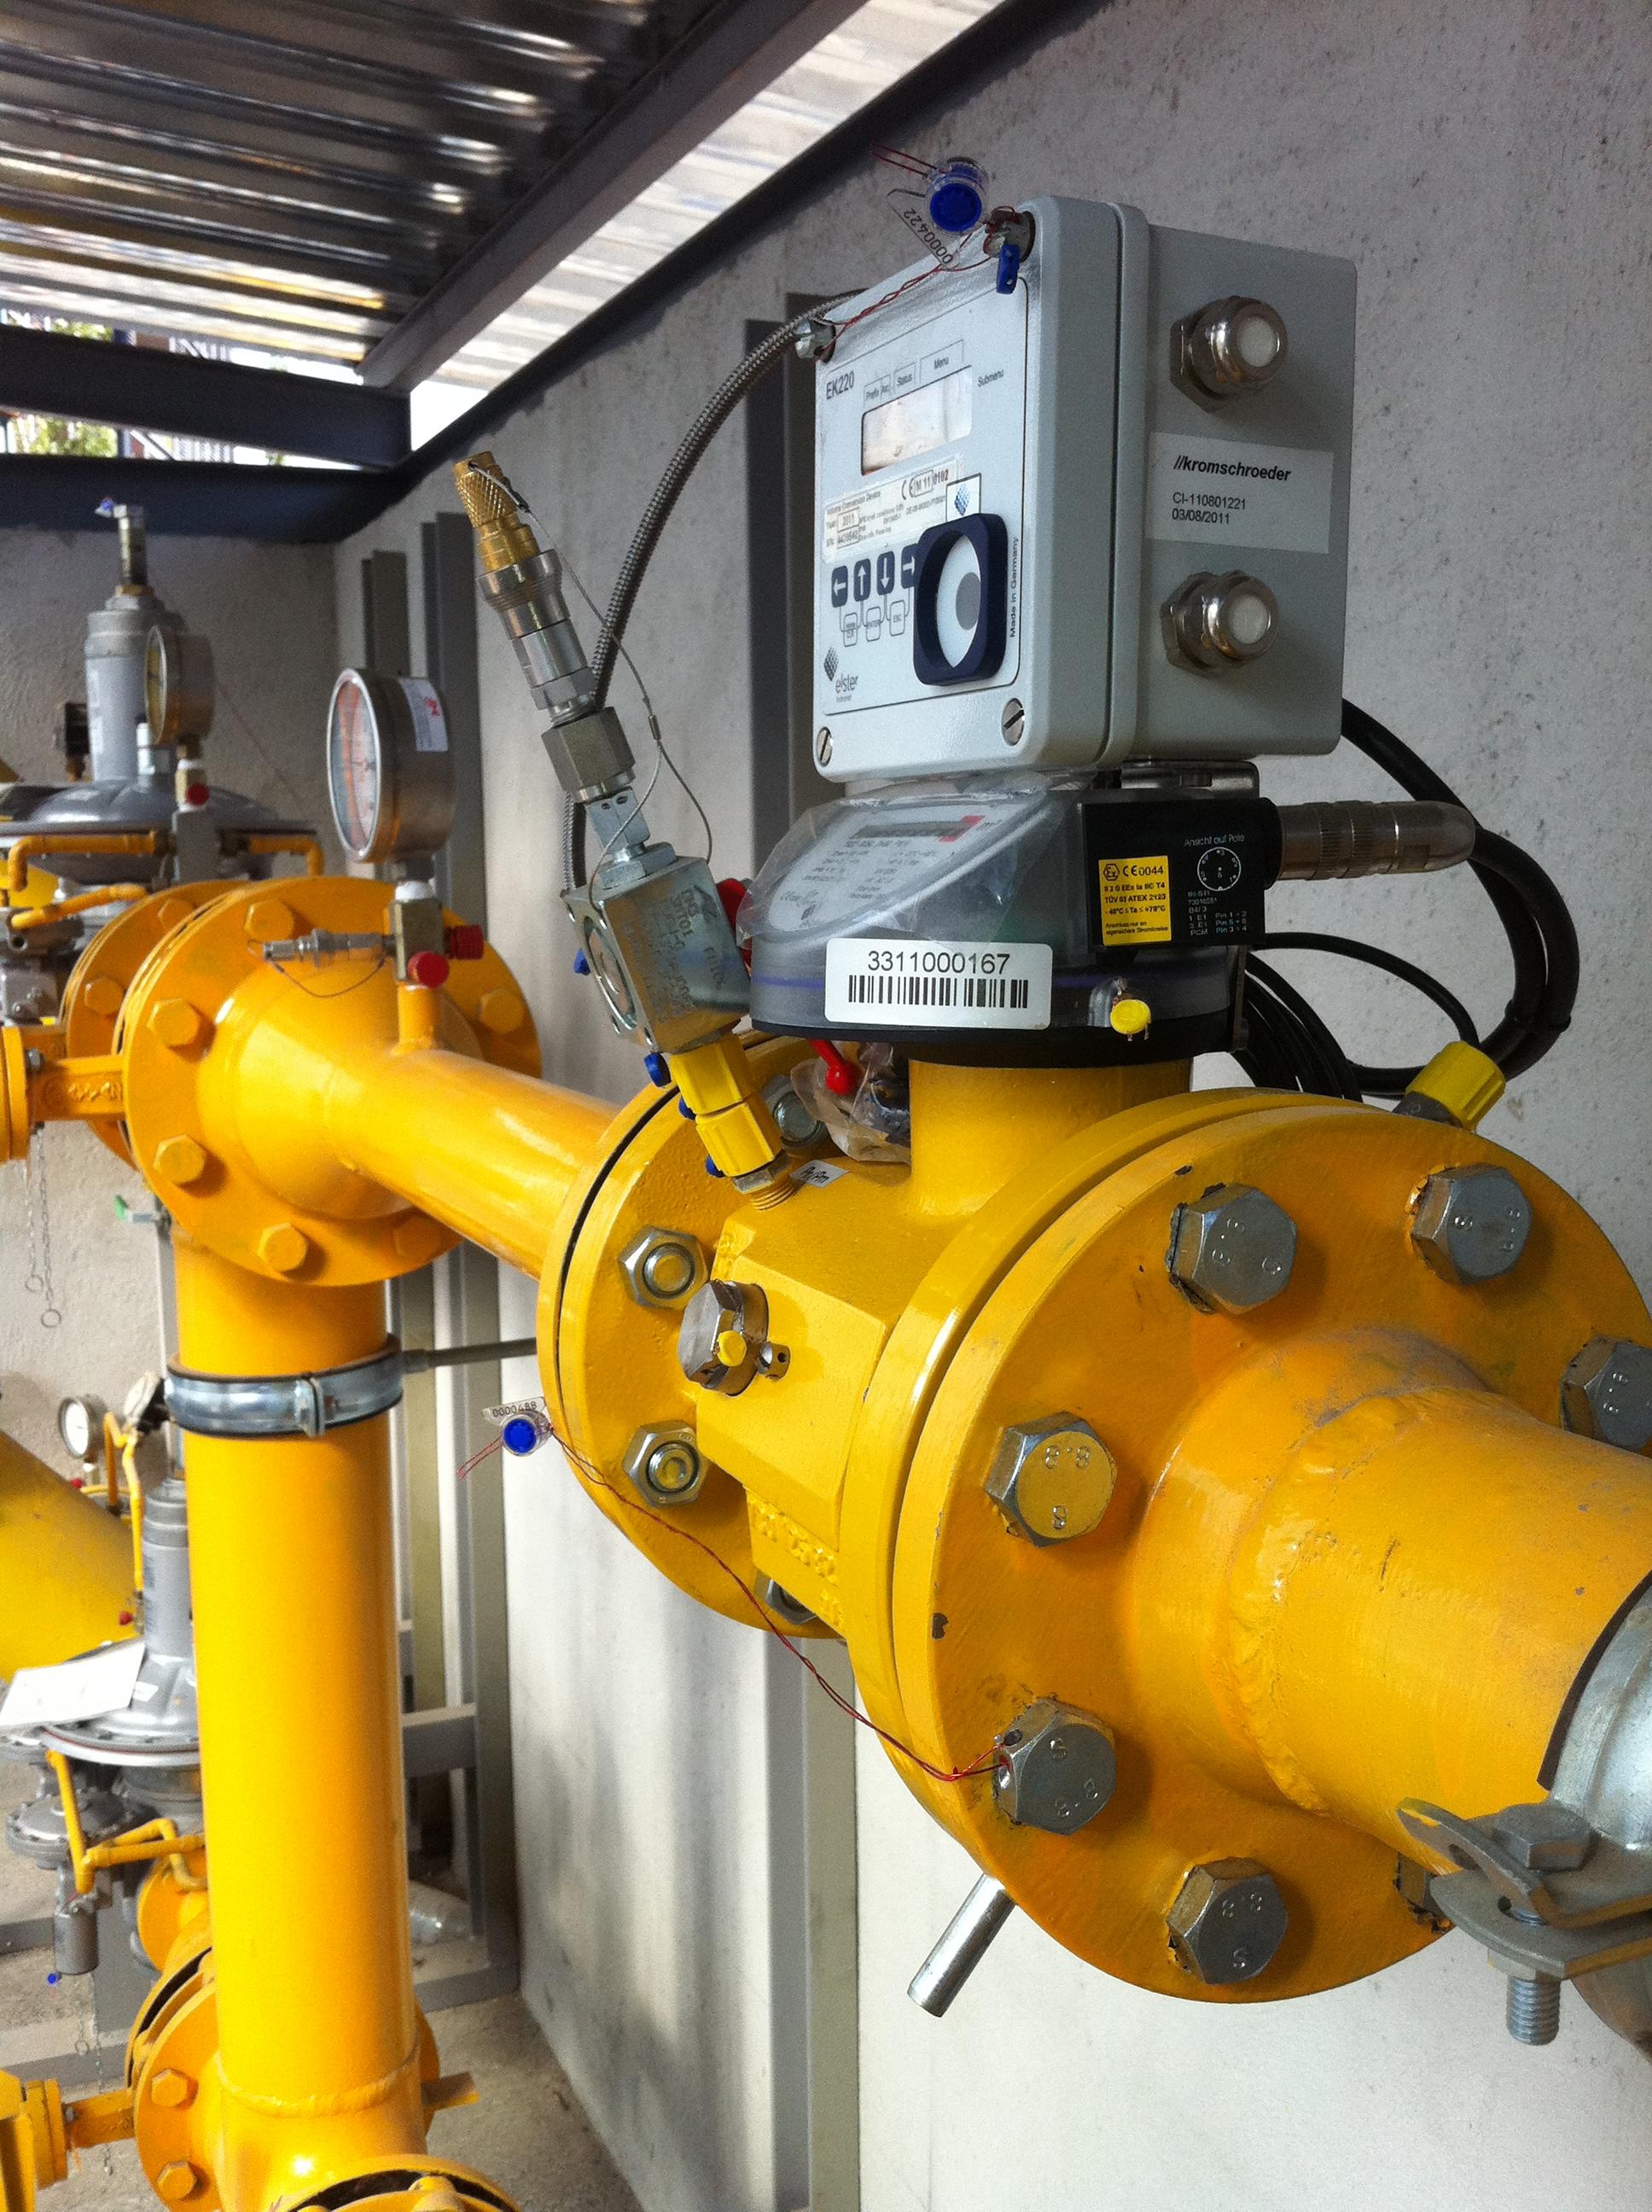 Ventajas del gas frente a otros combustibles Insyalaciones industriales de gas Gastechnik Barcelona